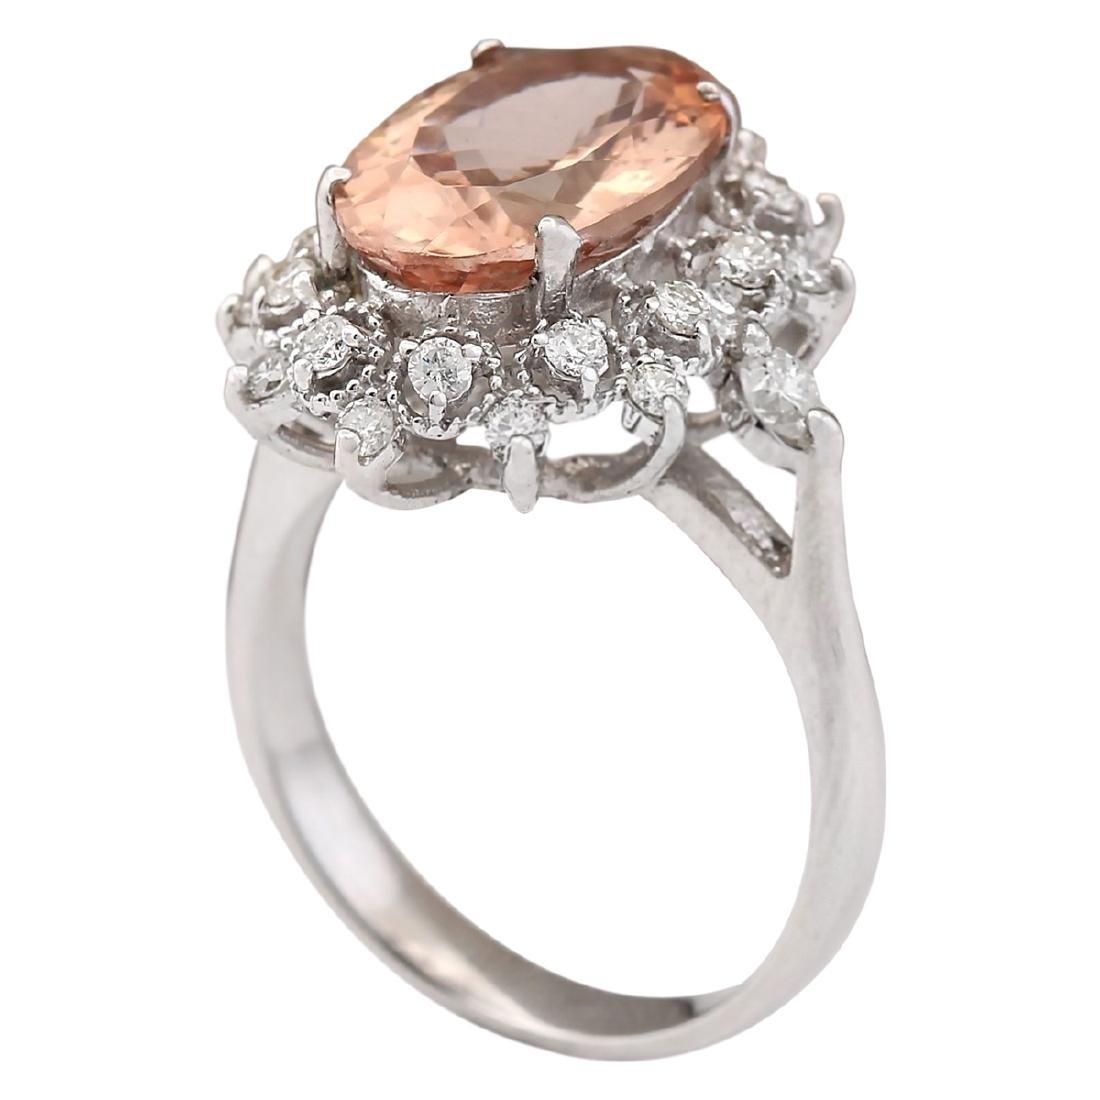 4.38 CTW Natural Morganite And Diamond Ring In 18K - 3